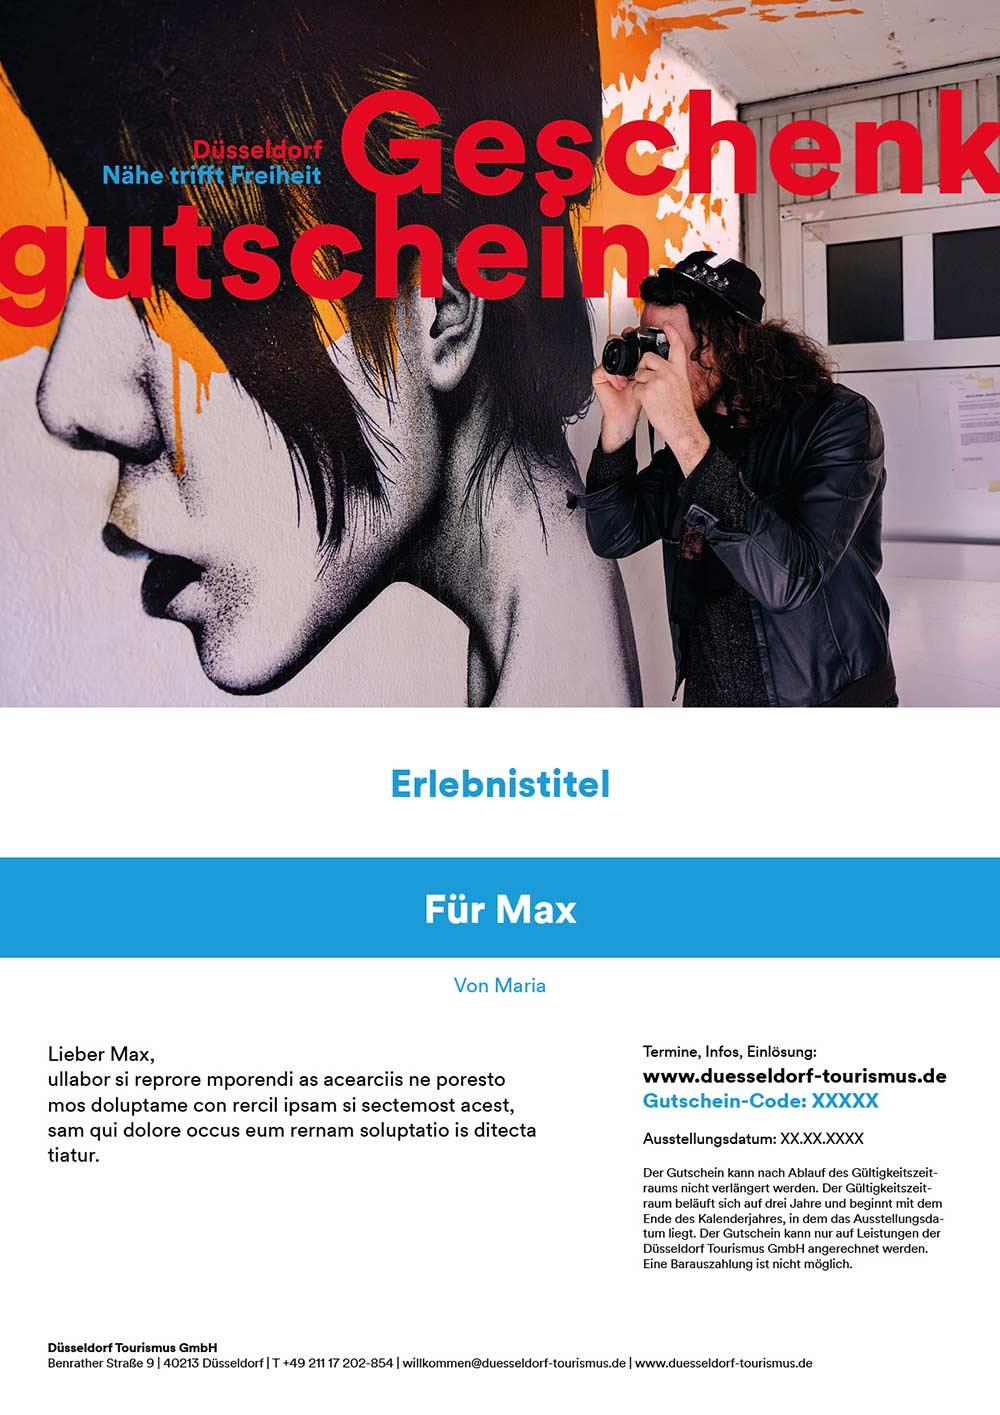 duesseldorf_geschenk-3: Allgemein